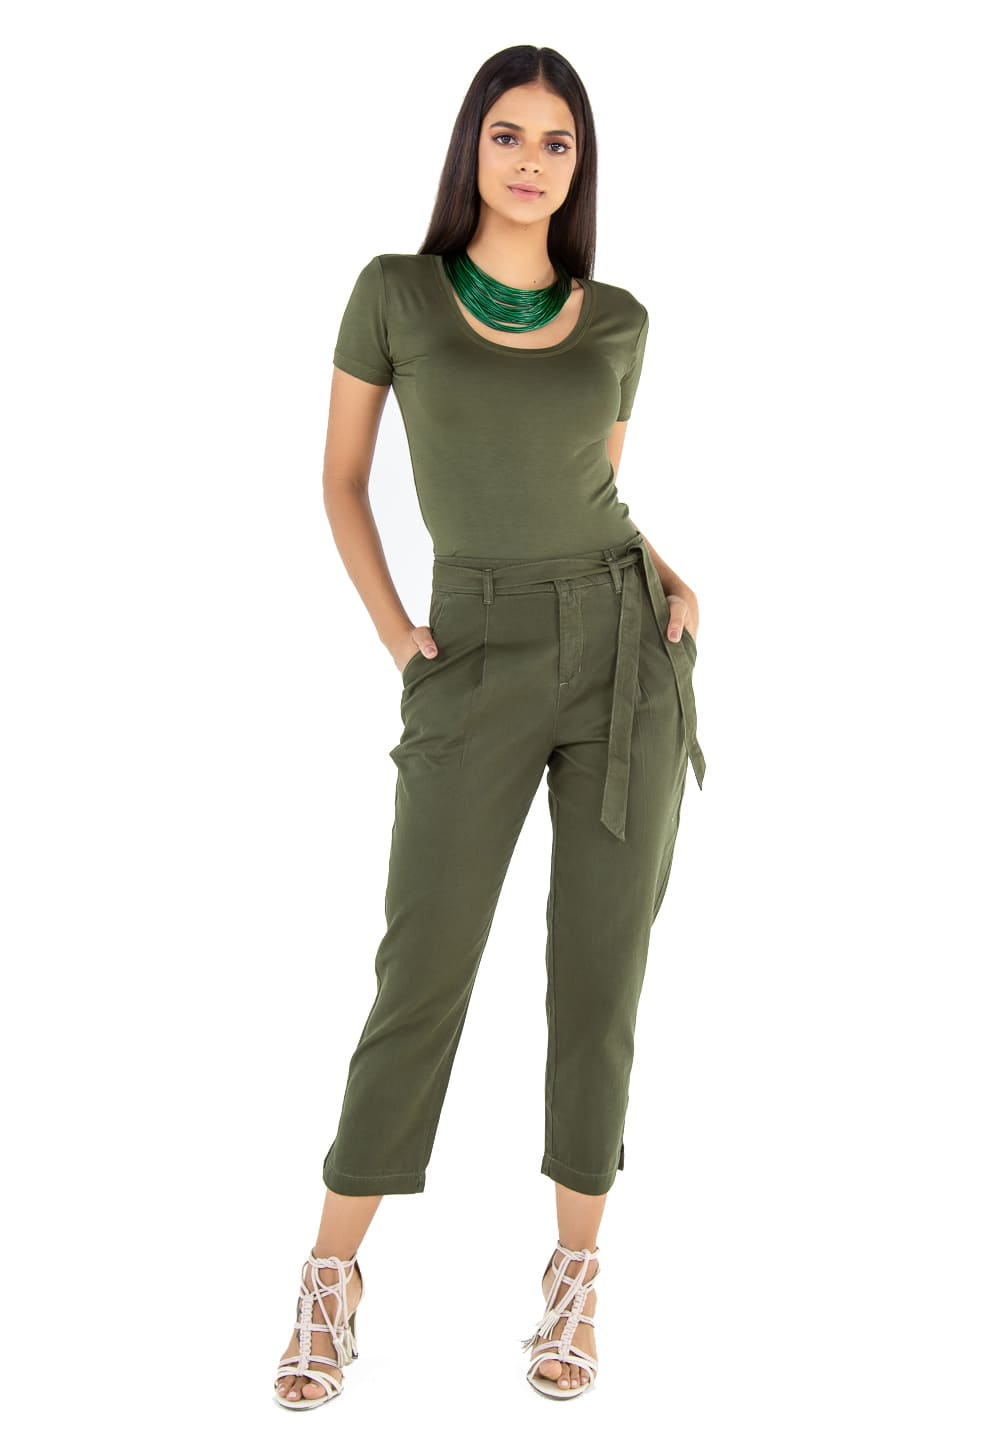 Calça em Sarja Cintura Alta com Laço Latifundio Verde Militar